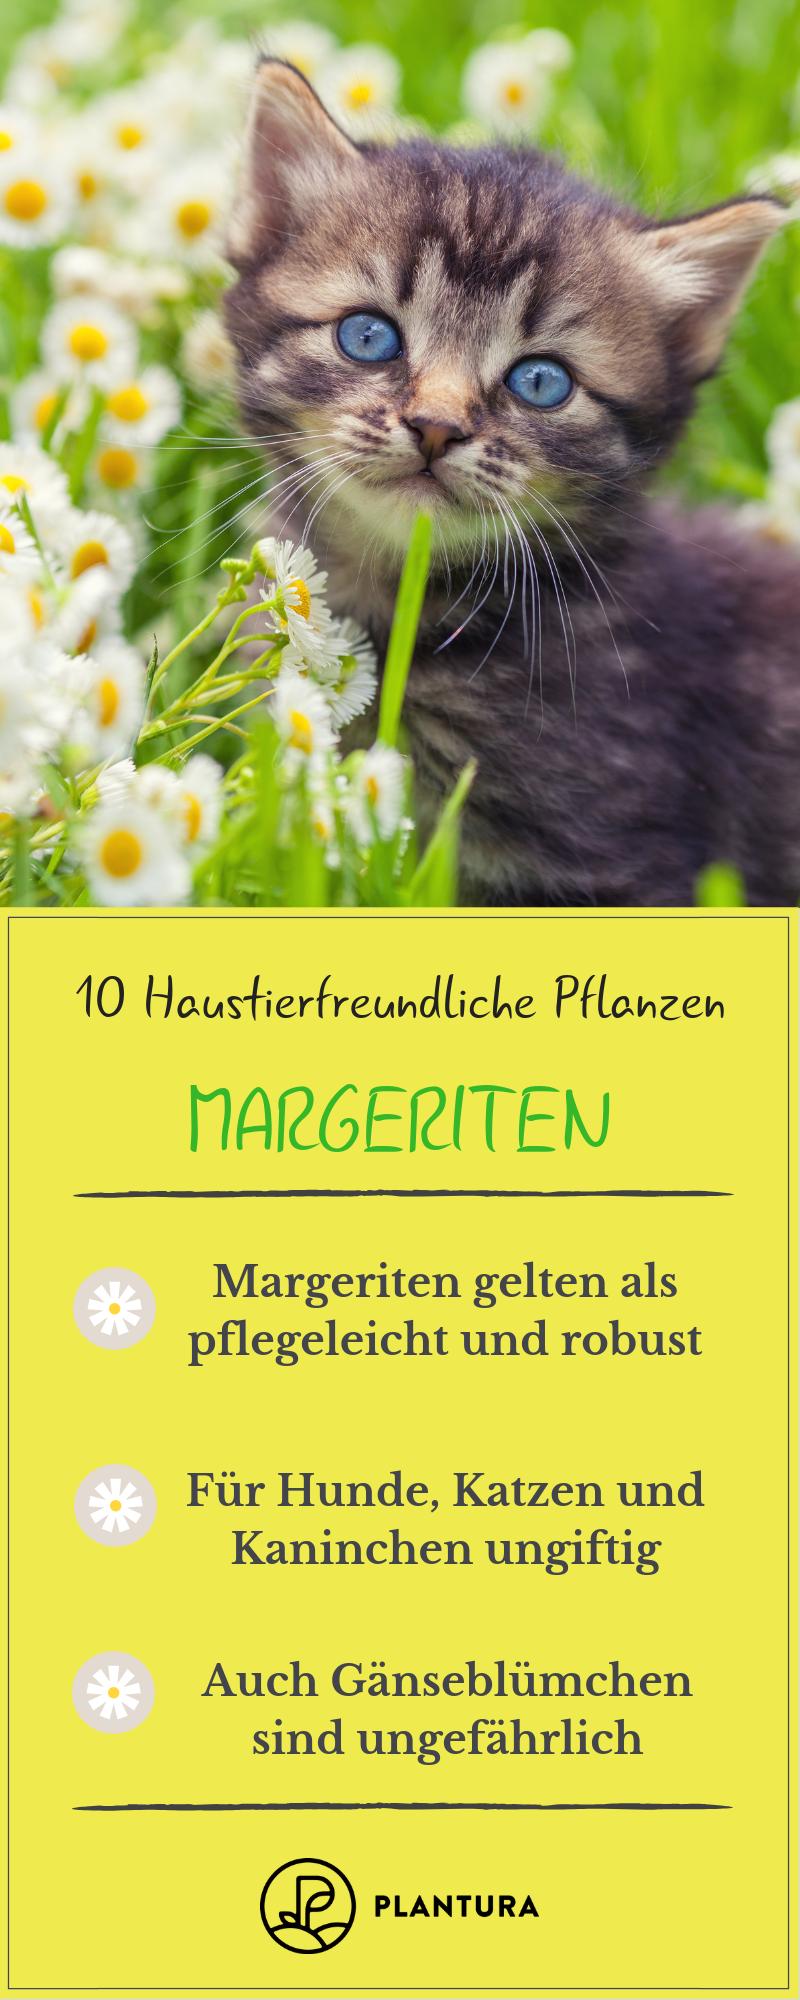 Giftige zimmerpflanzen für kaninchen